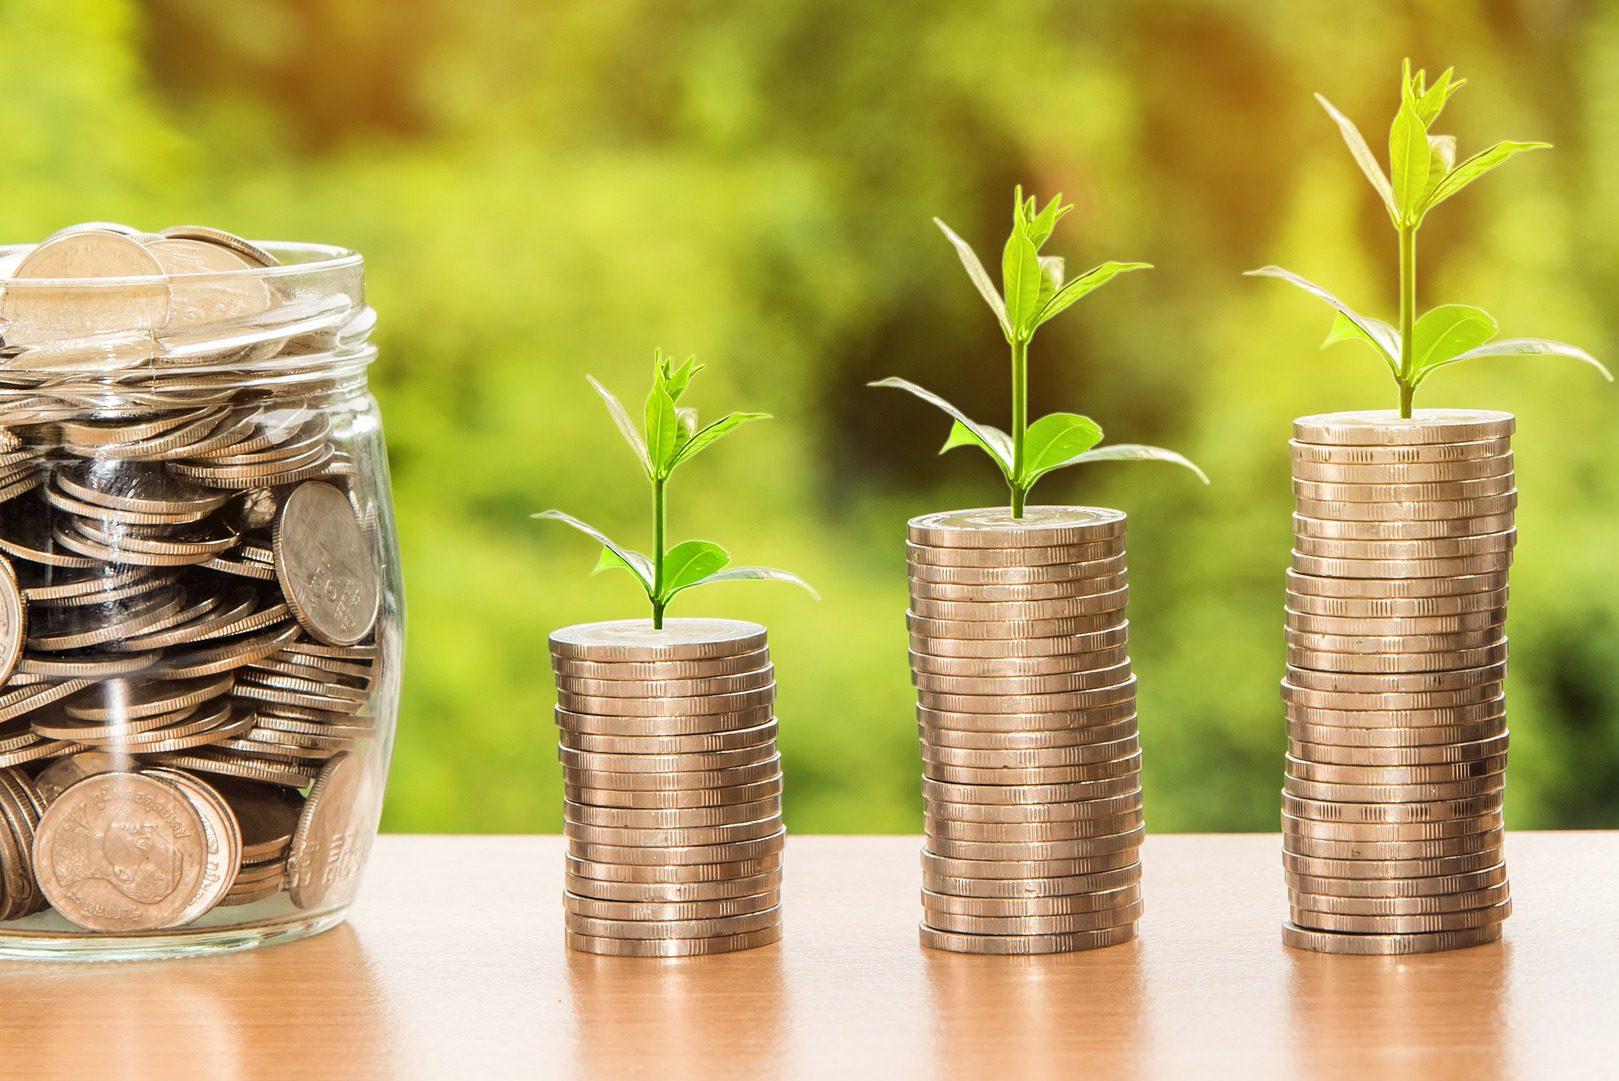 知って得する!変化する銀行の仕事内容を知って就活を優位に進めよう